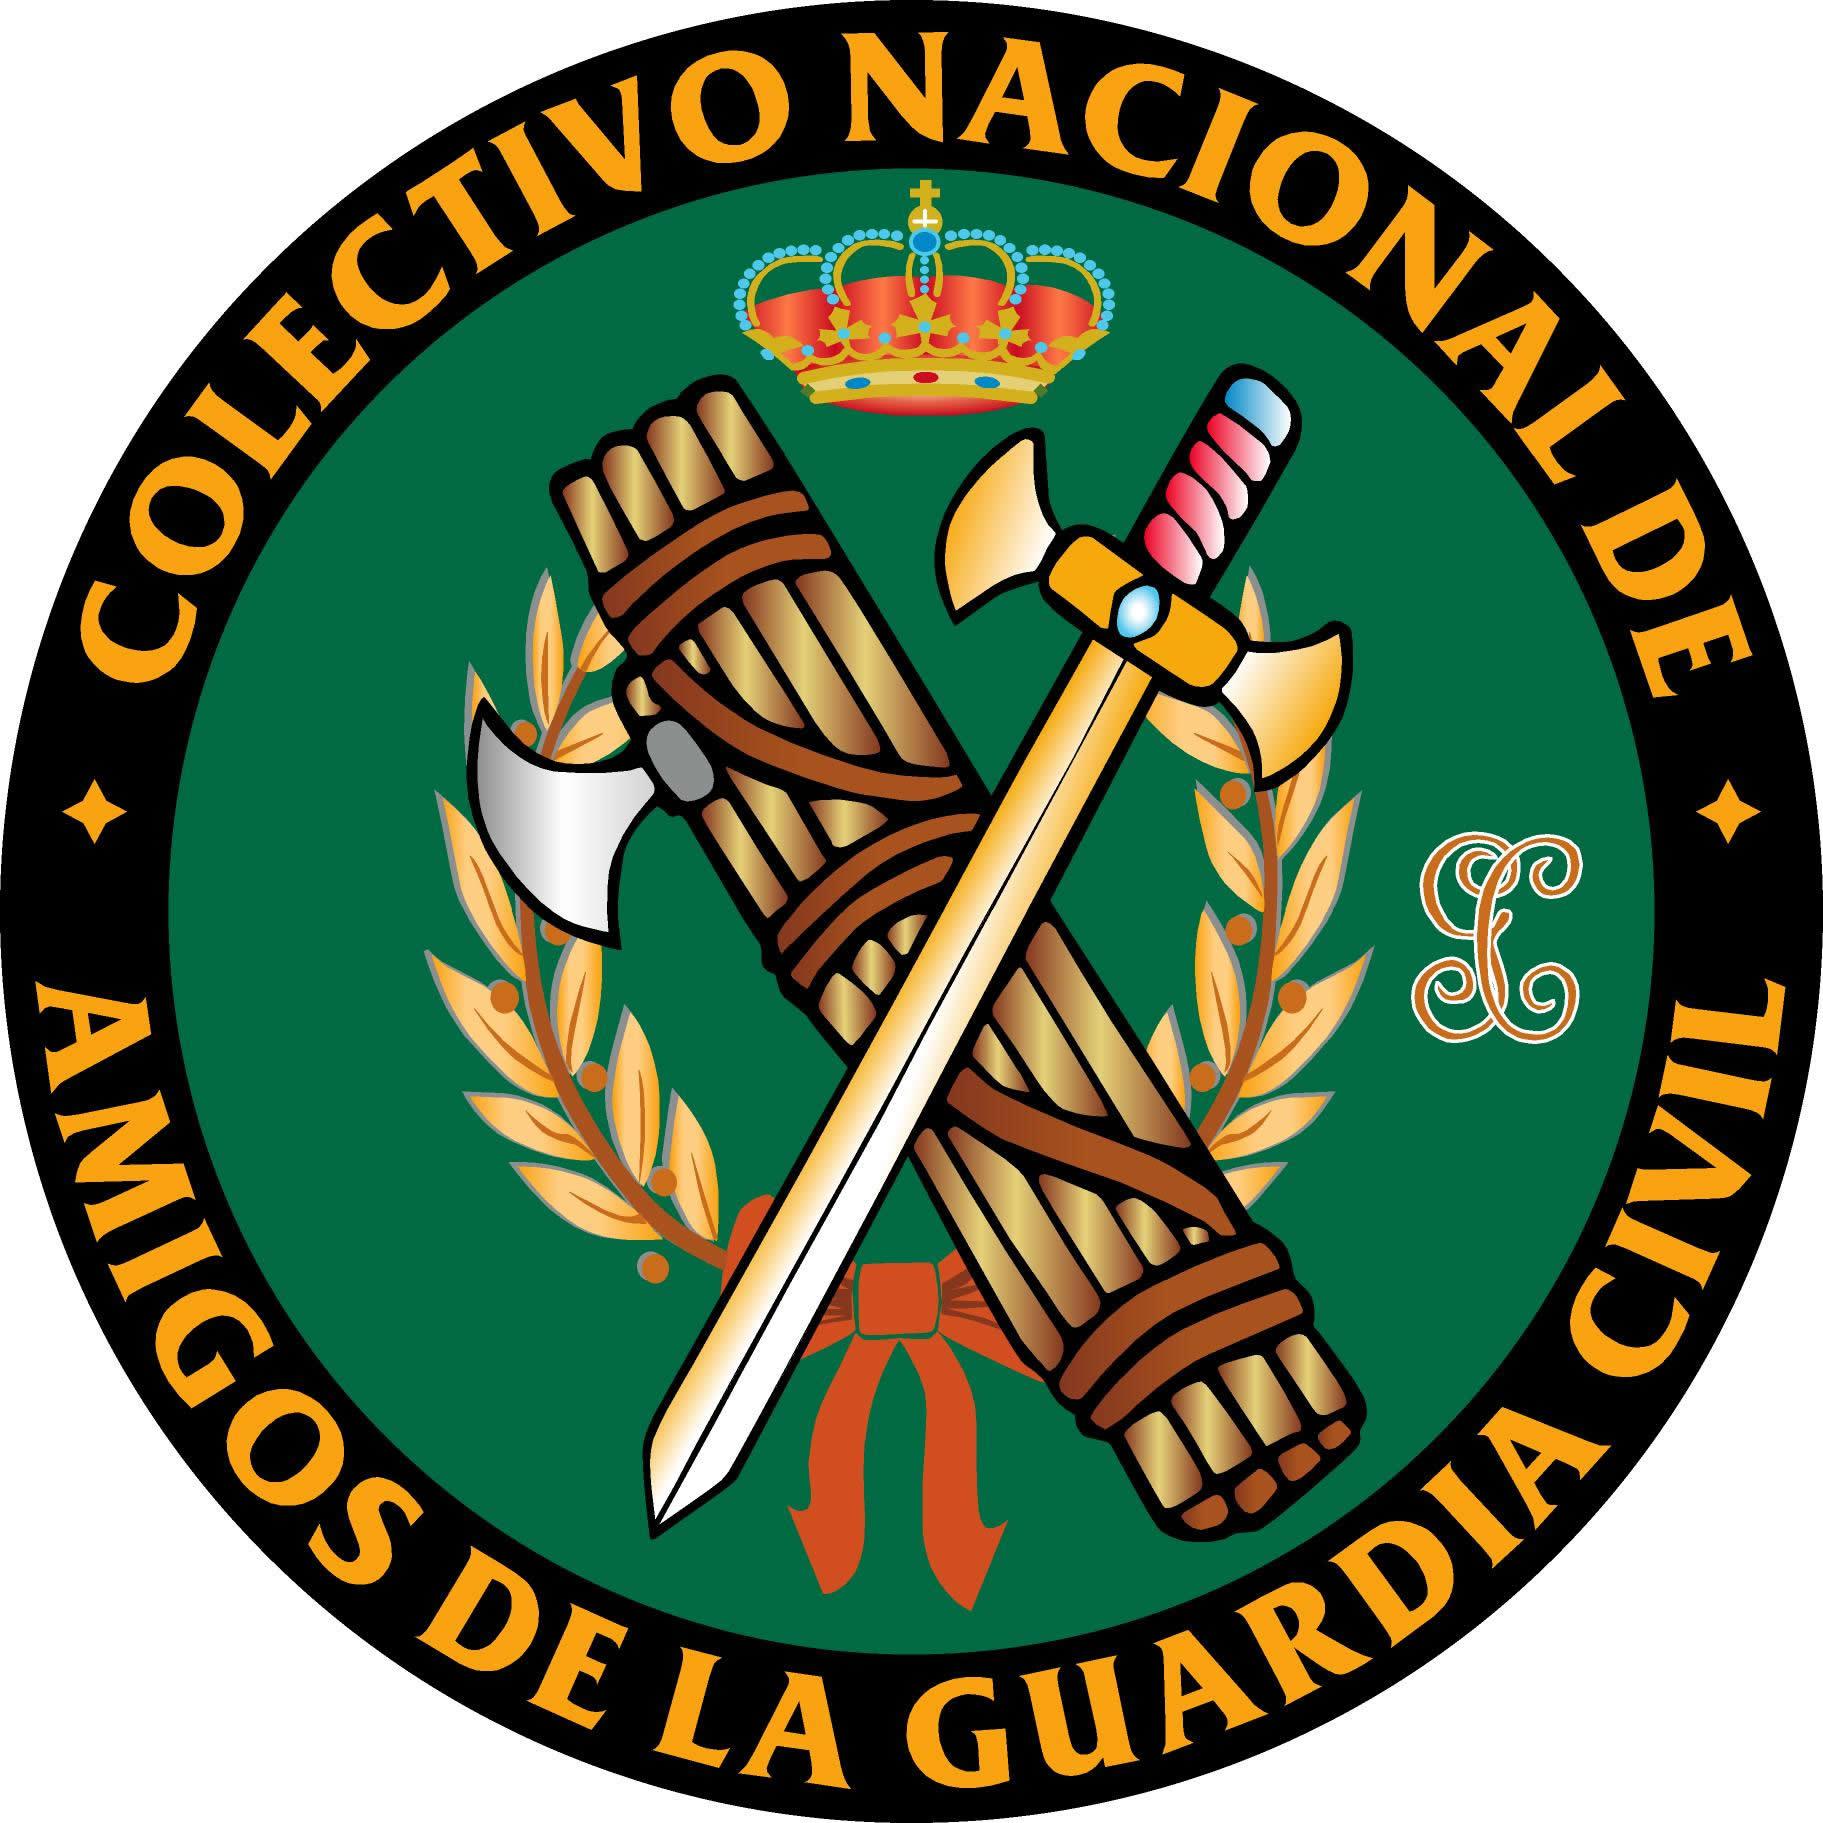 Ministerio del interior tattoo design bild for Ministerio del interion